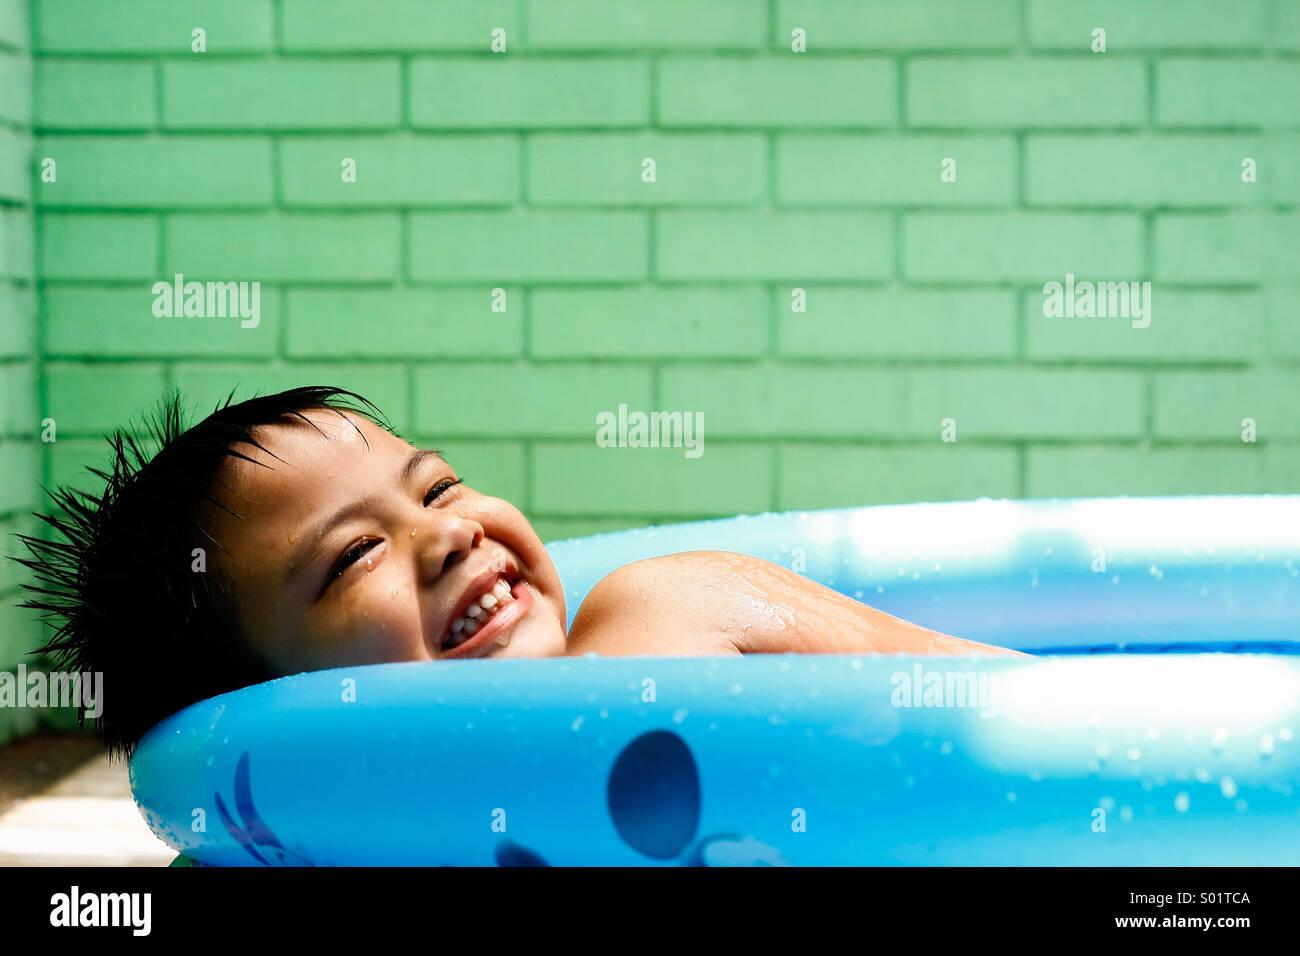 Cabrito en una piscina para niños Imagen De Stock